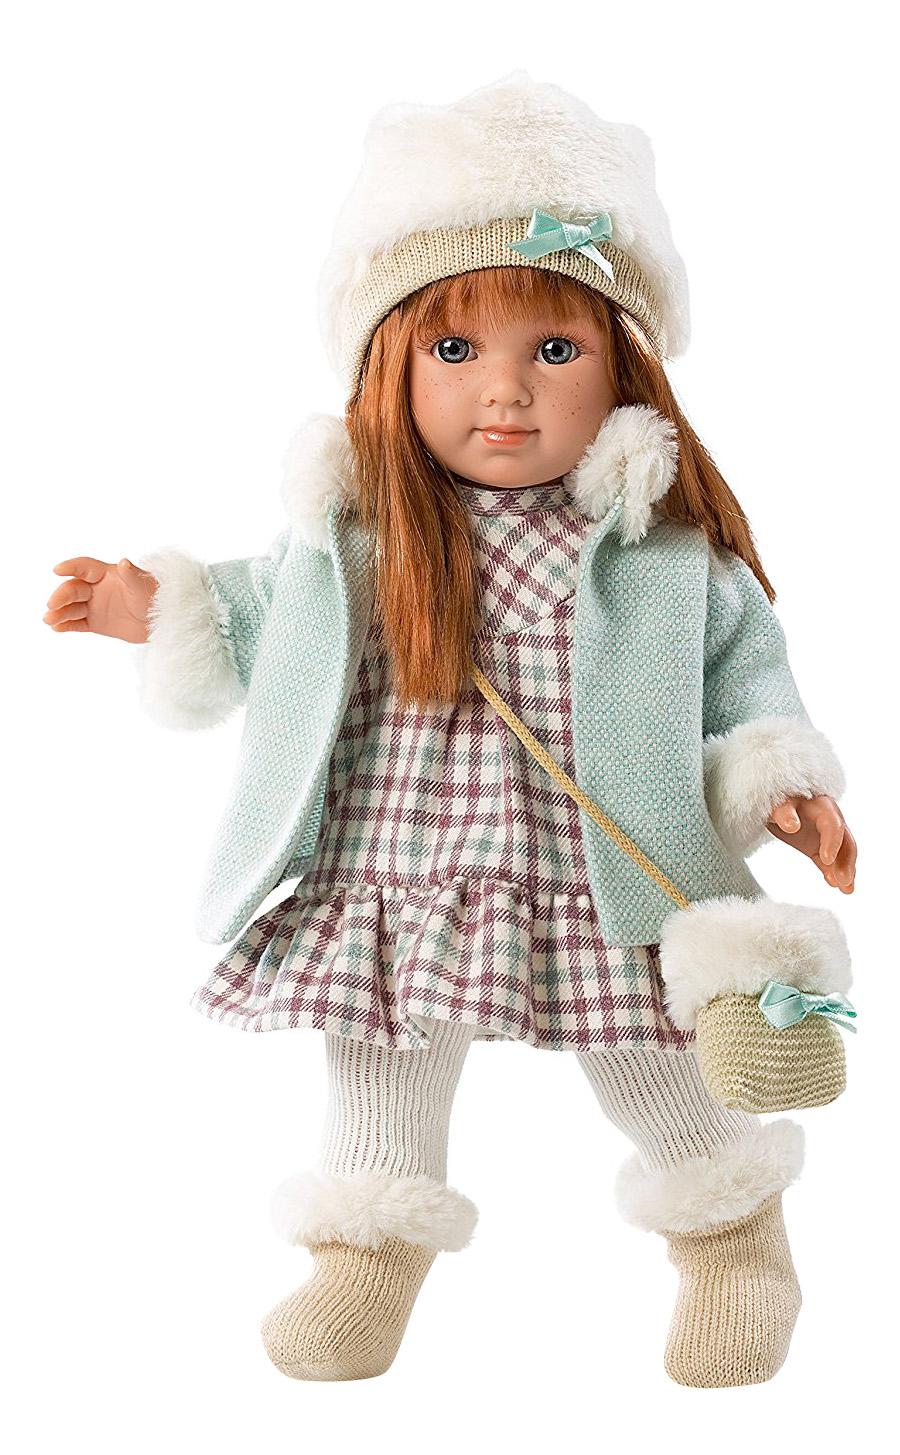 правильно кукла лоренс елена счастью, один двоюродных